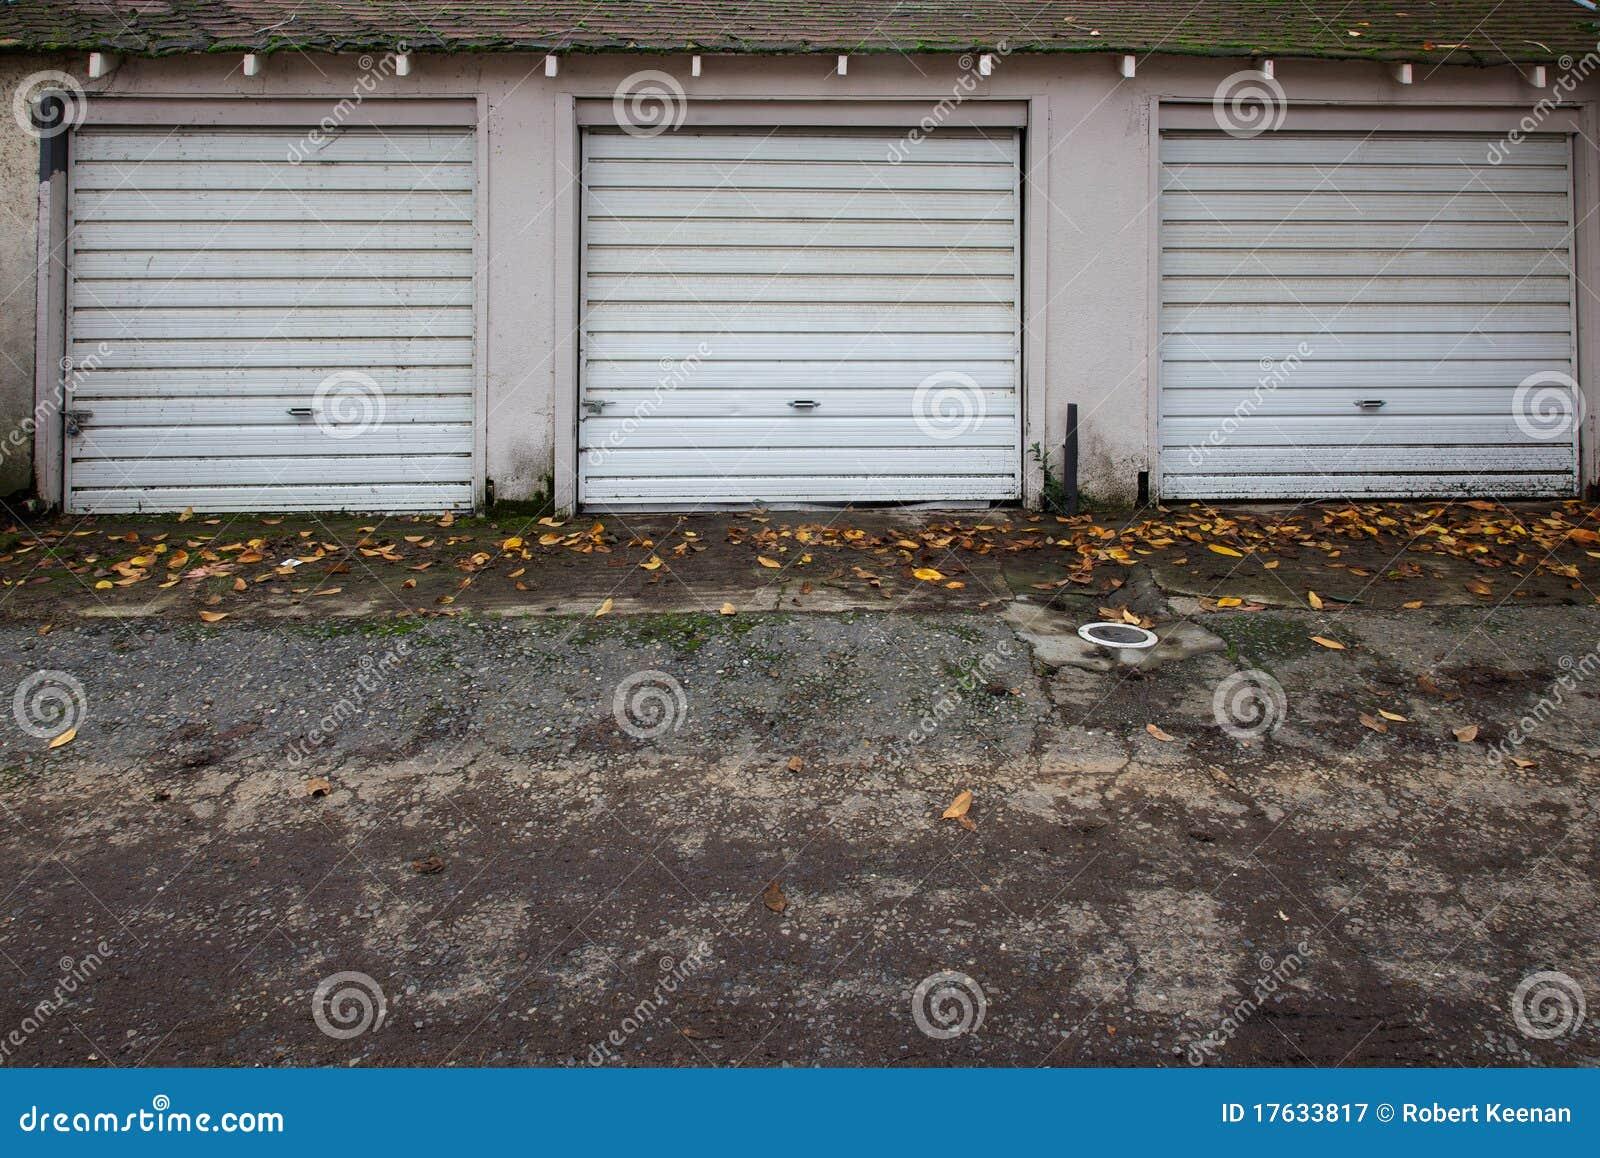 Three old garage doors stock image image of frame door for Three door garage